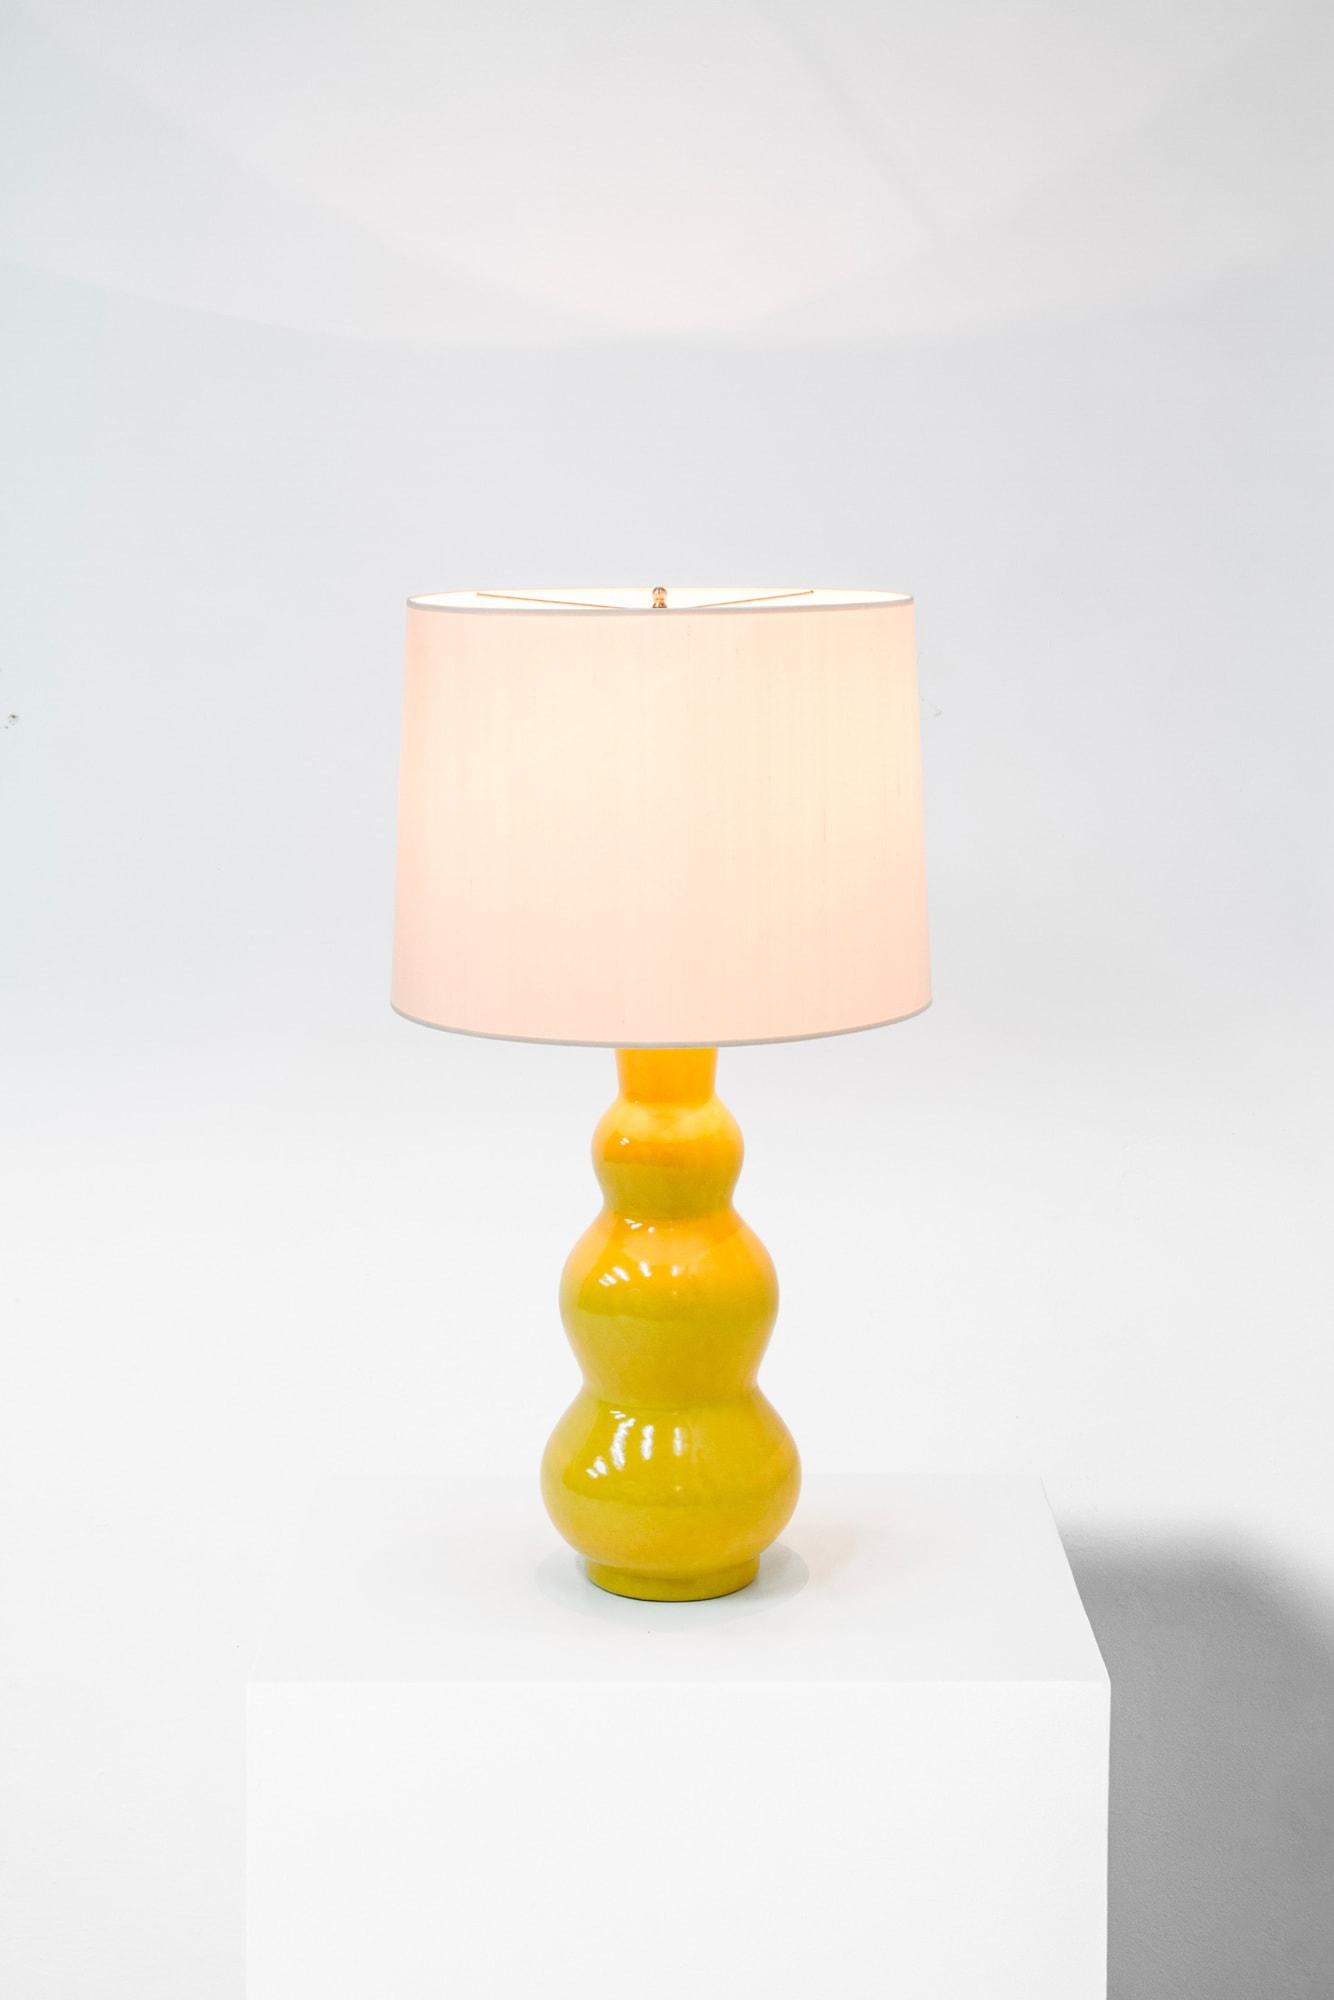 Ateliers Martine et Paul Poiret, Vase monté en lampe, vue 01